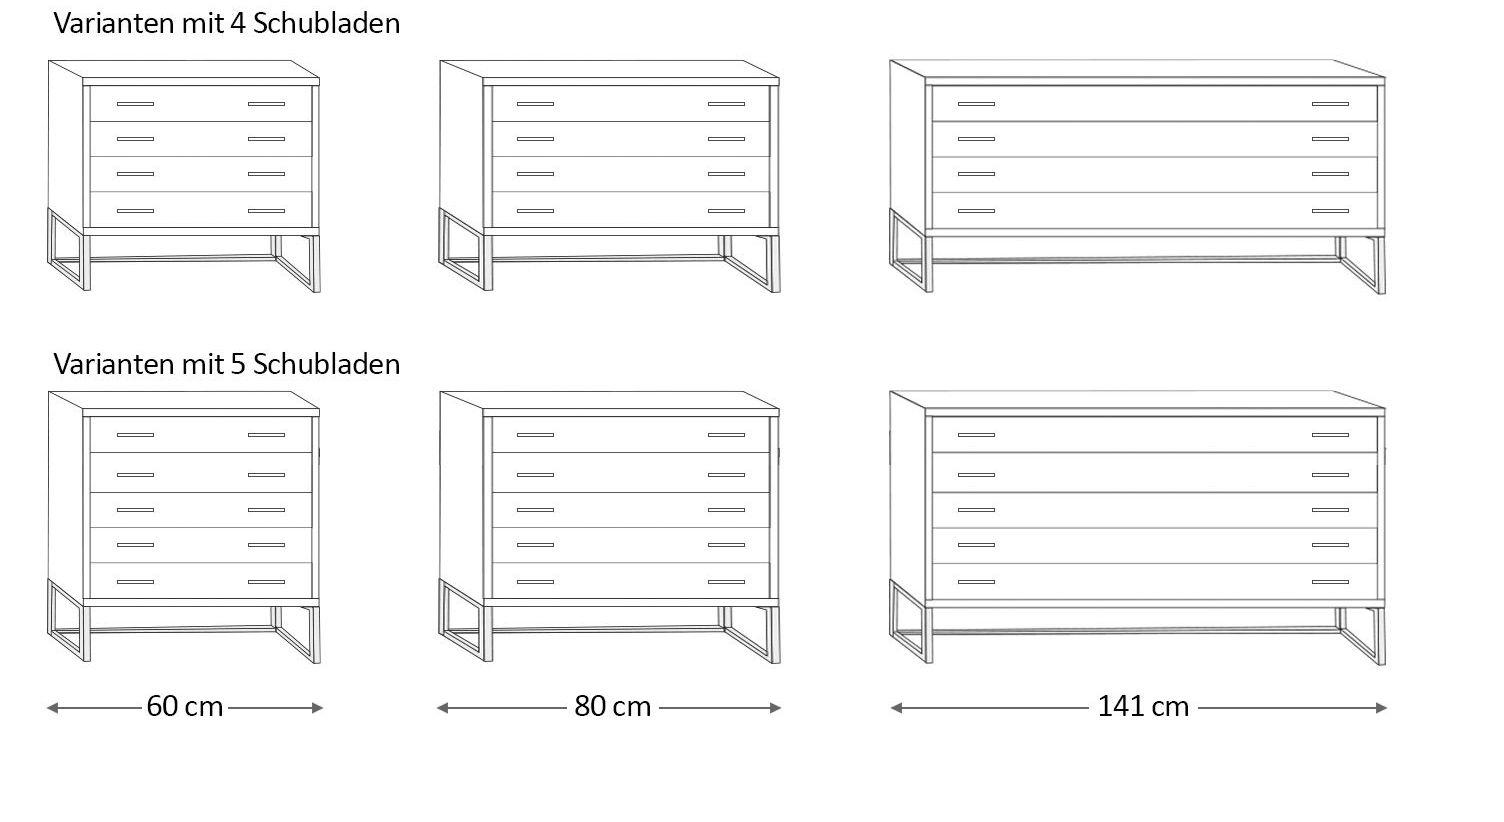 Schubladen-Kommode Chipperfield in verschiedenen Breiten